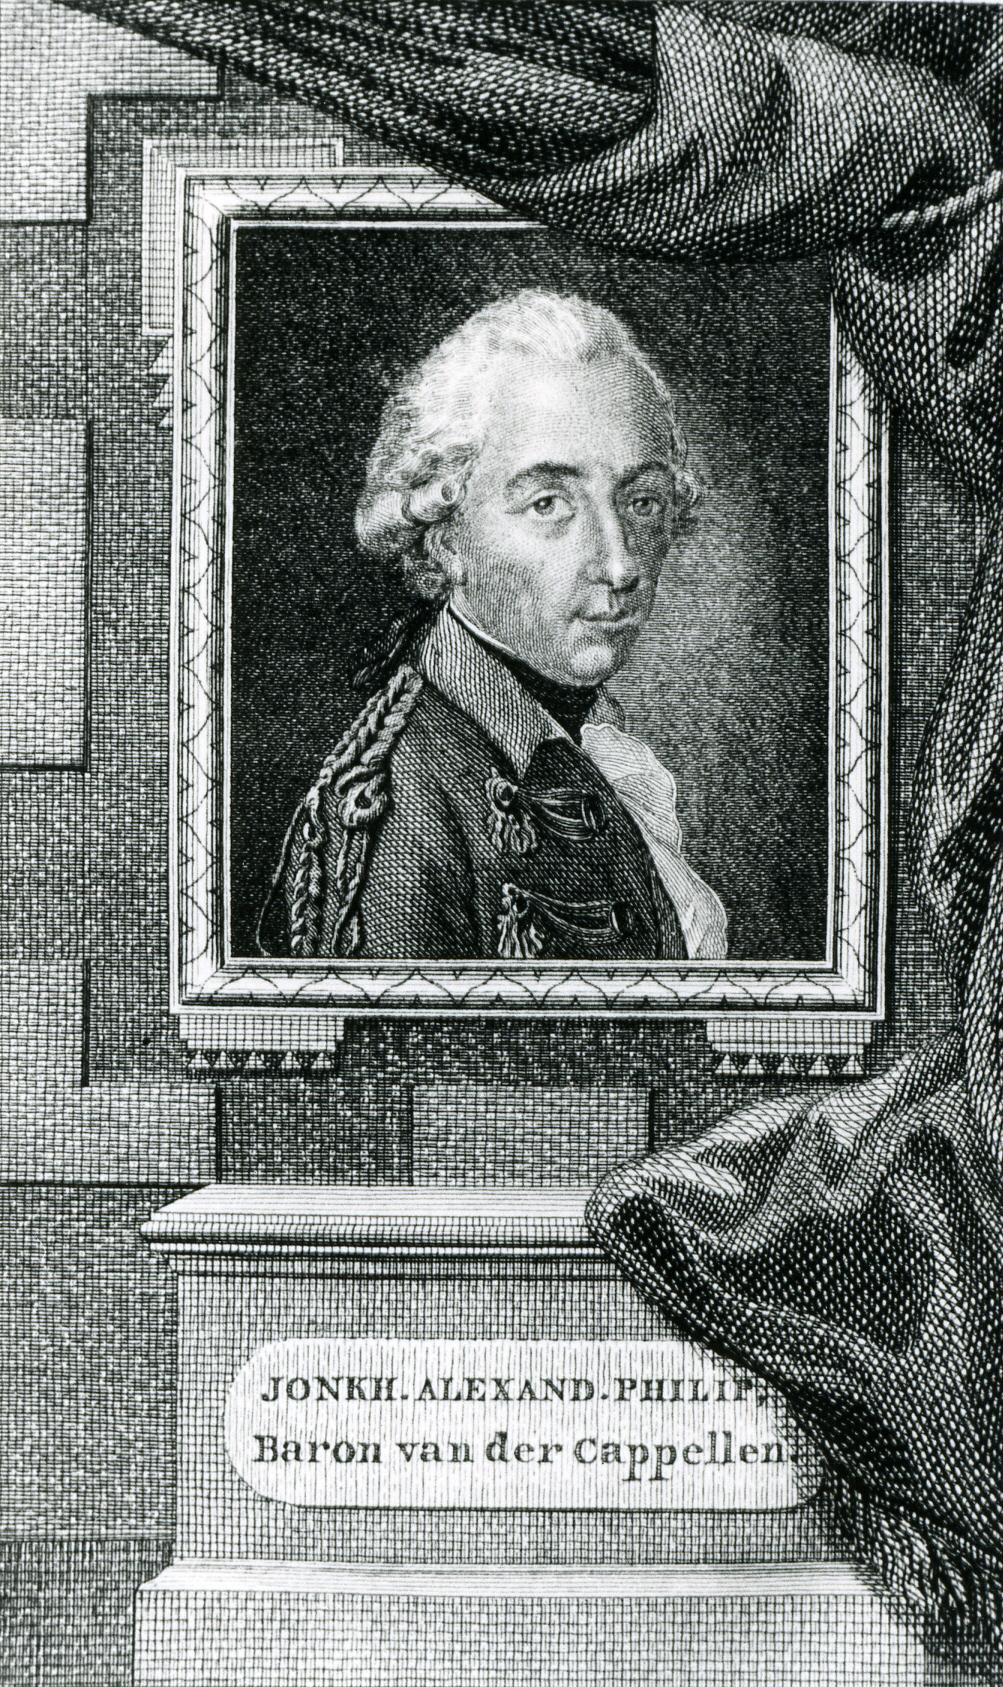 Alexander Philip baron van der Capellen. F18460.1